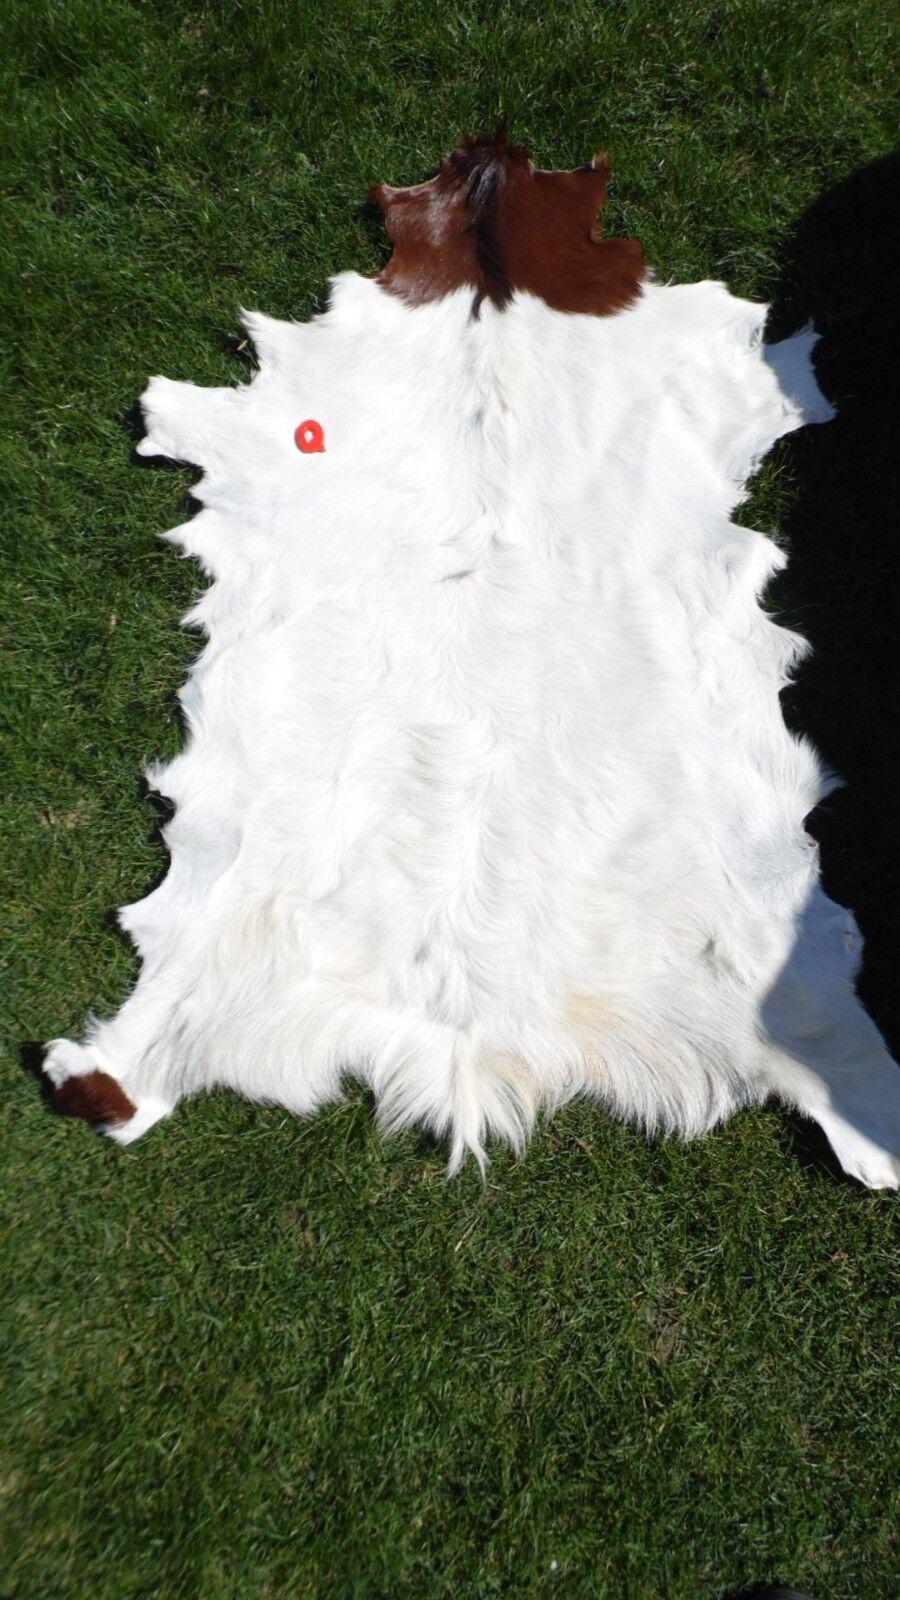 Ziegenfell  Goatskin Leather  Ziege Ziege Ziege  Teppich  Läufer  Kamin Deko | Schenken Sie Ihrem Kind eine glückliche Kindheit  9dc592